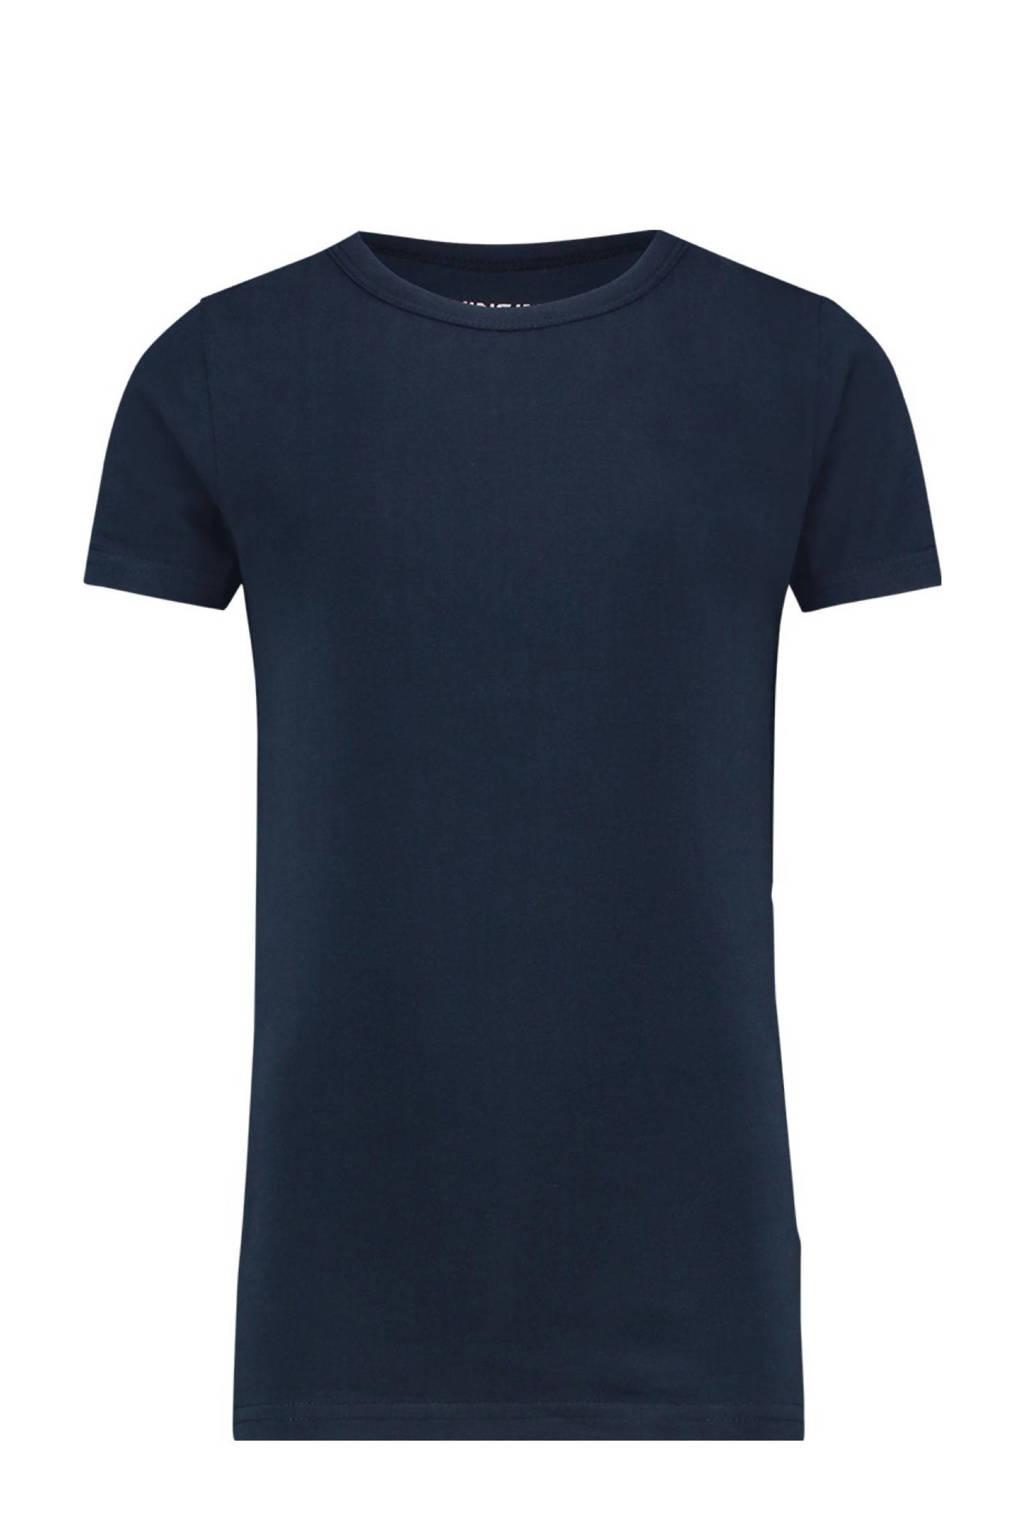 Vingino T-shirt donkerblauw, Donkerblauw